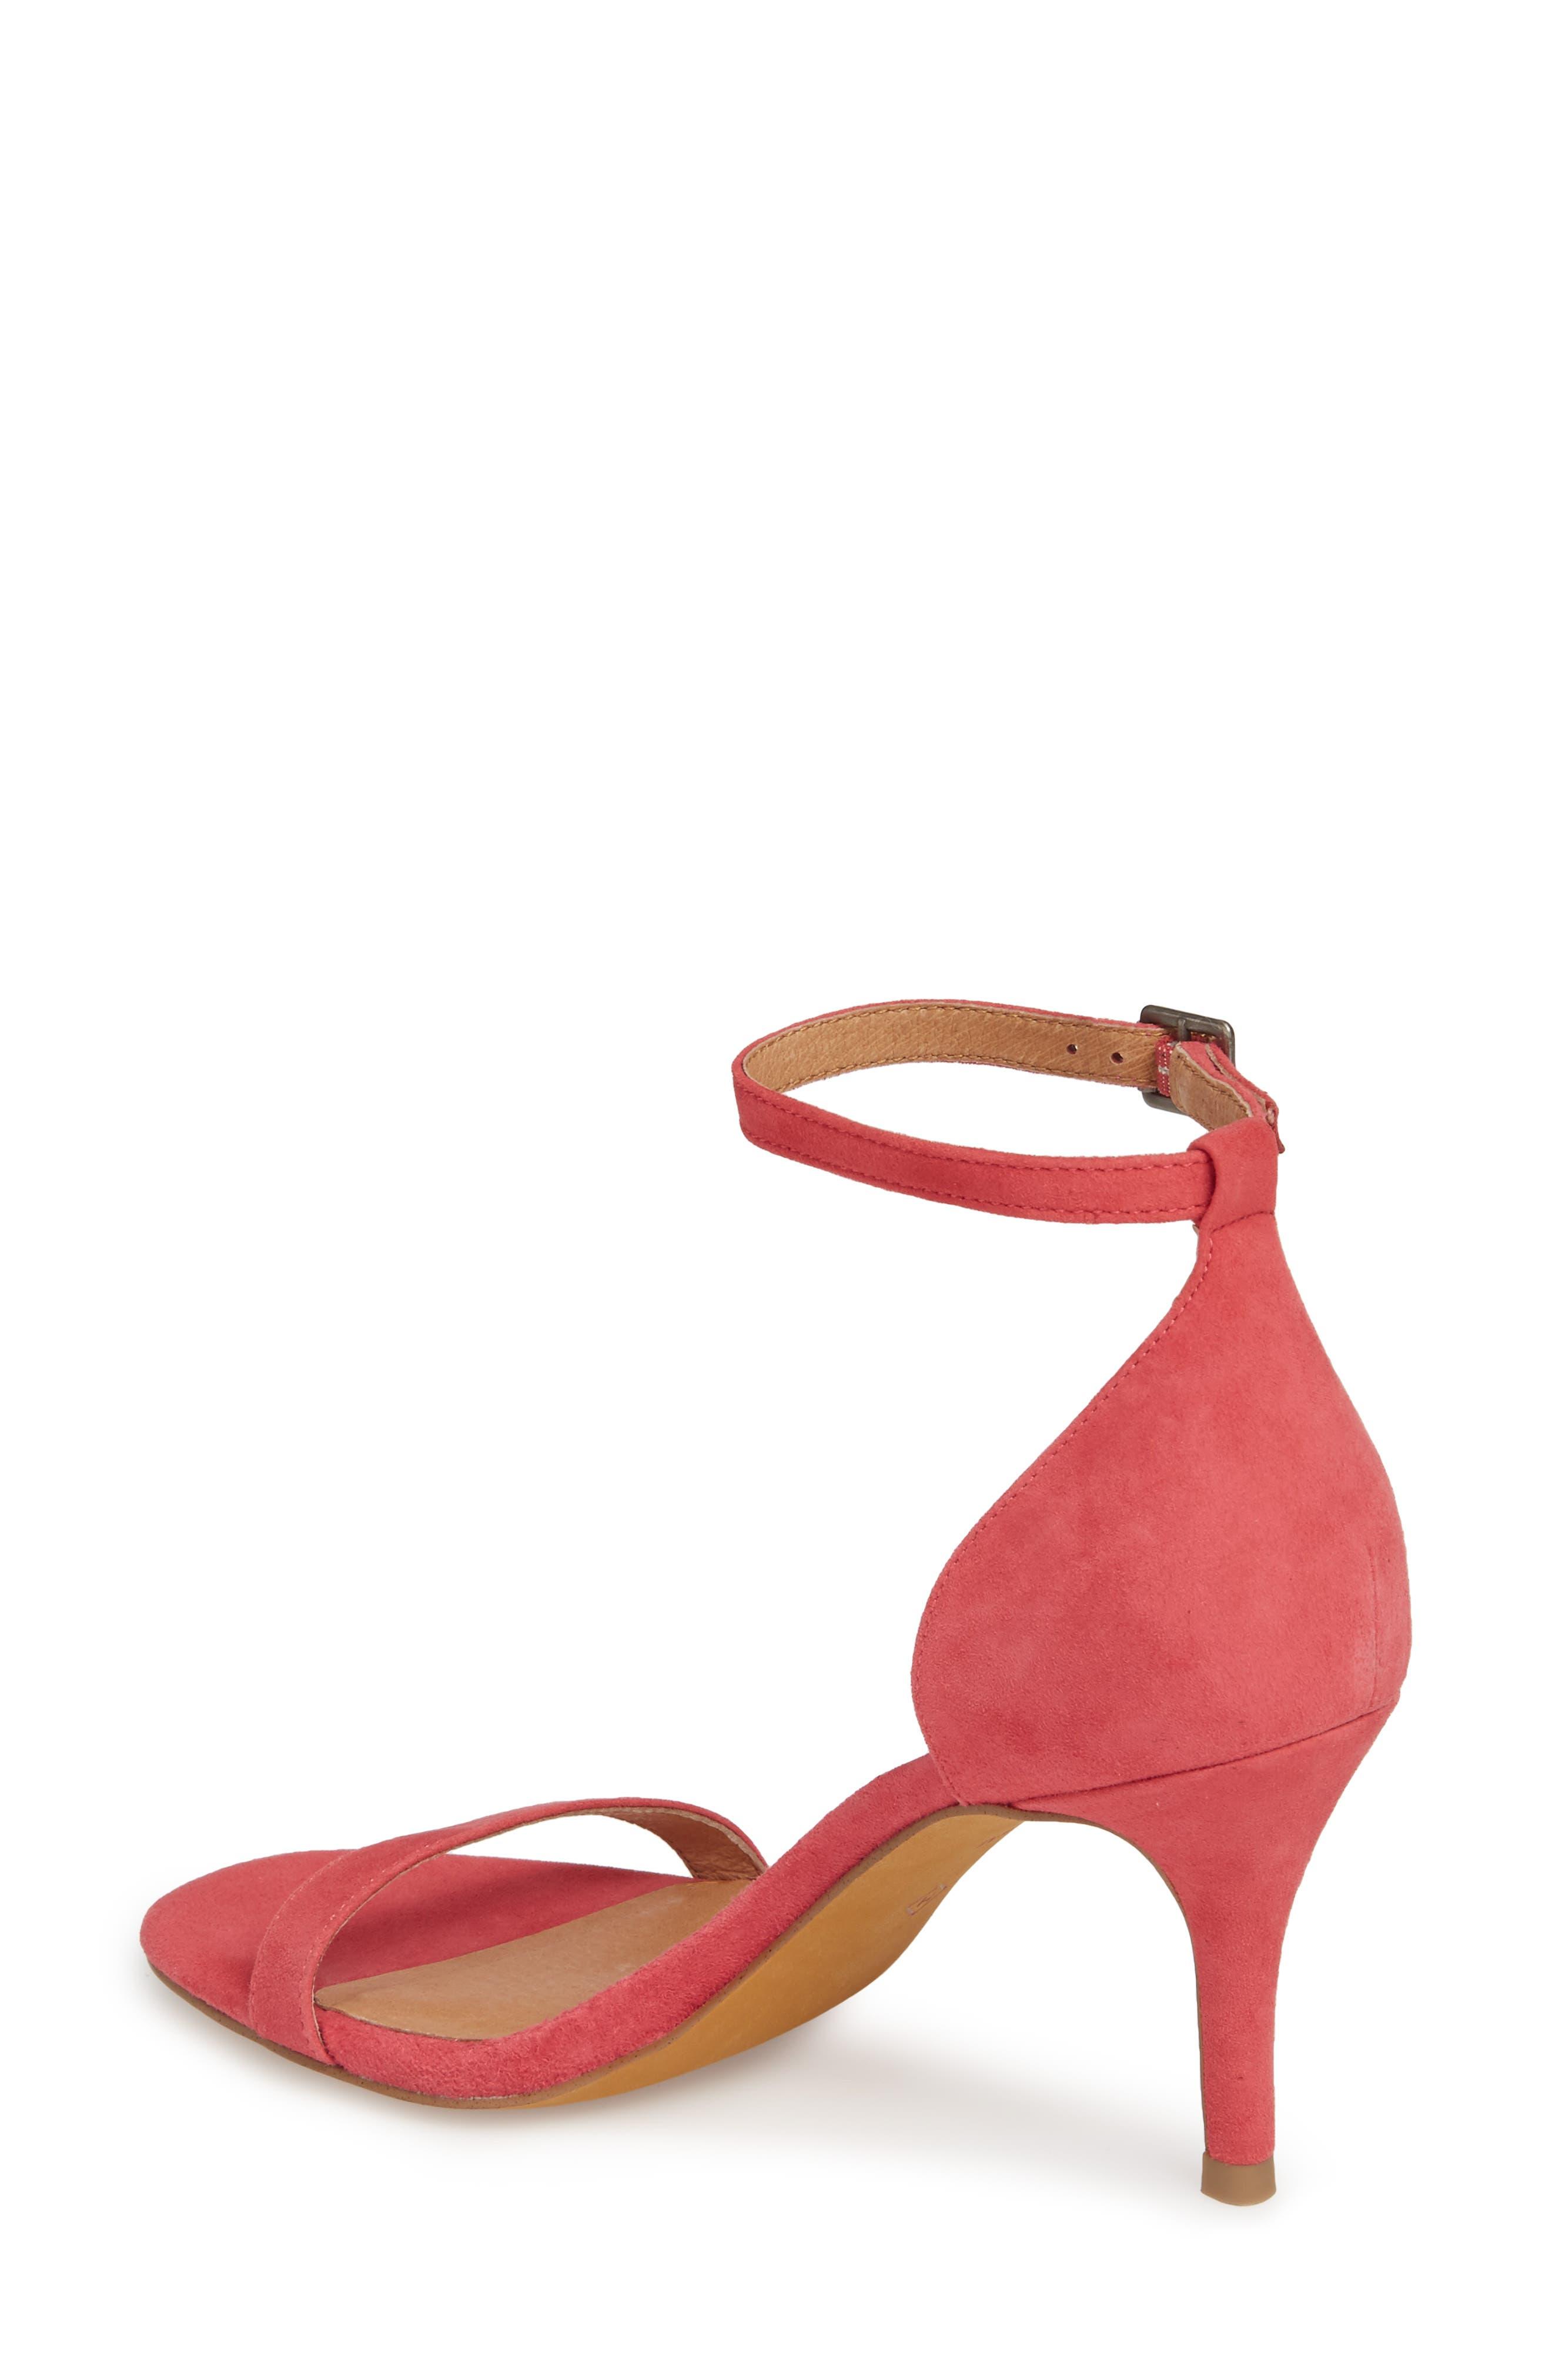 Audrey Ankle Strap Sandal,                             Alternate thumbnail 39, color,